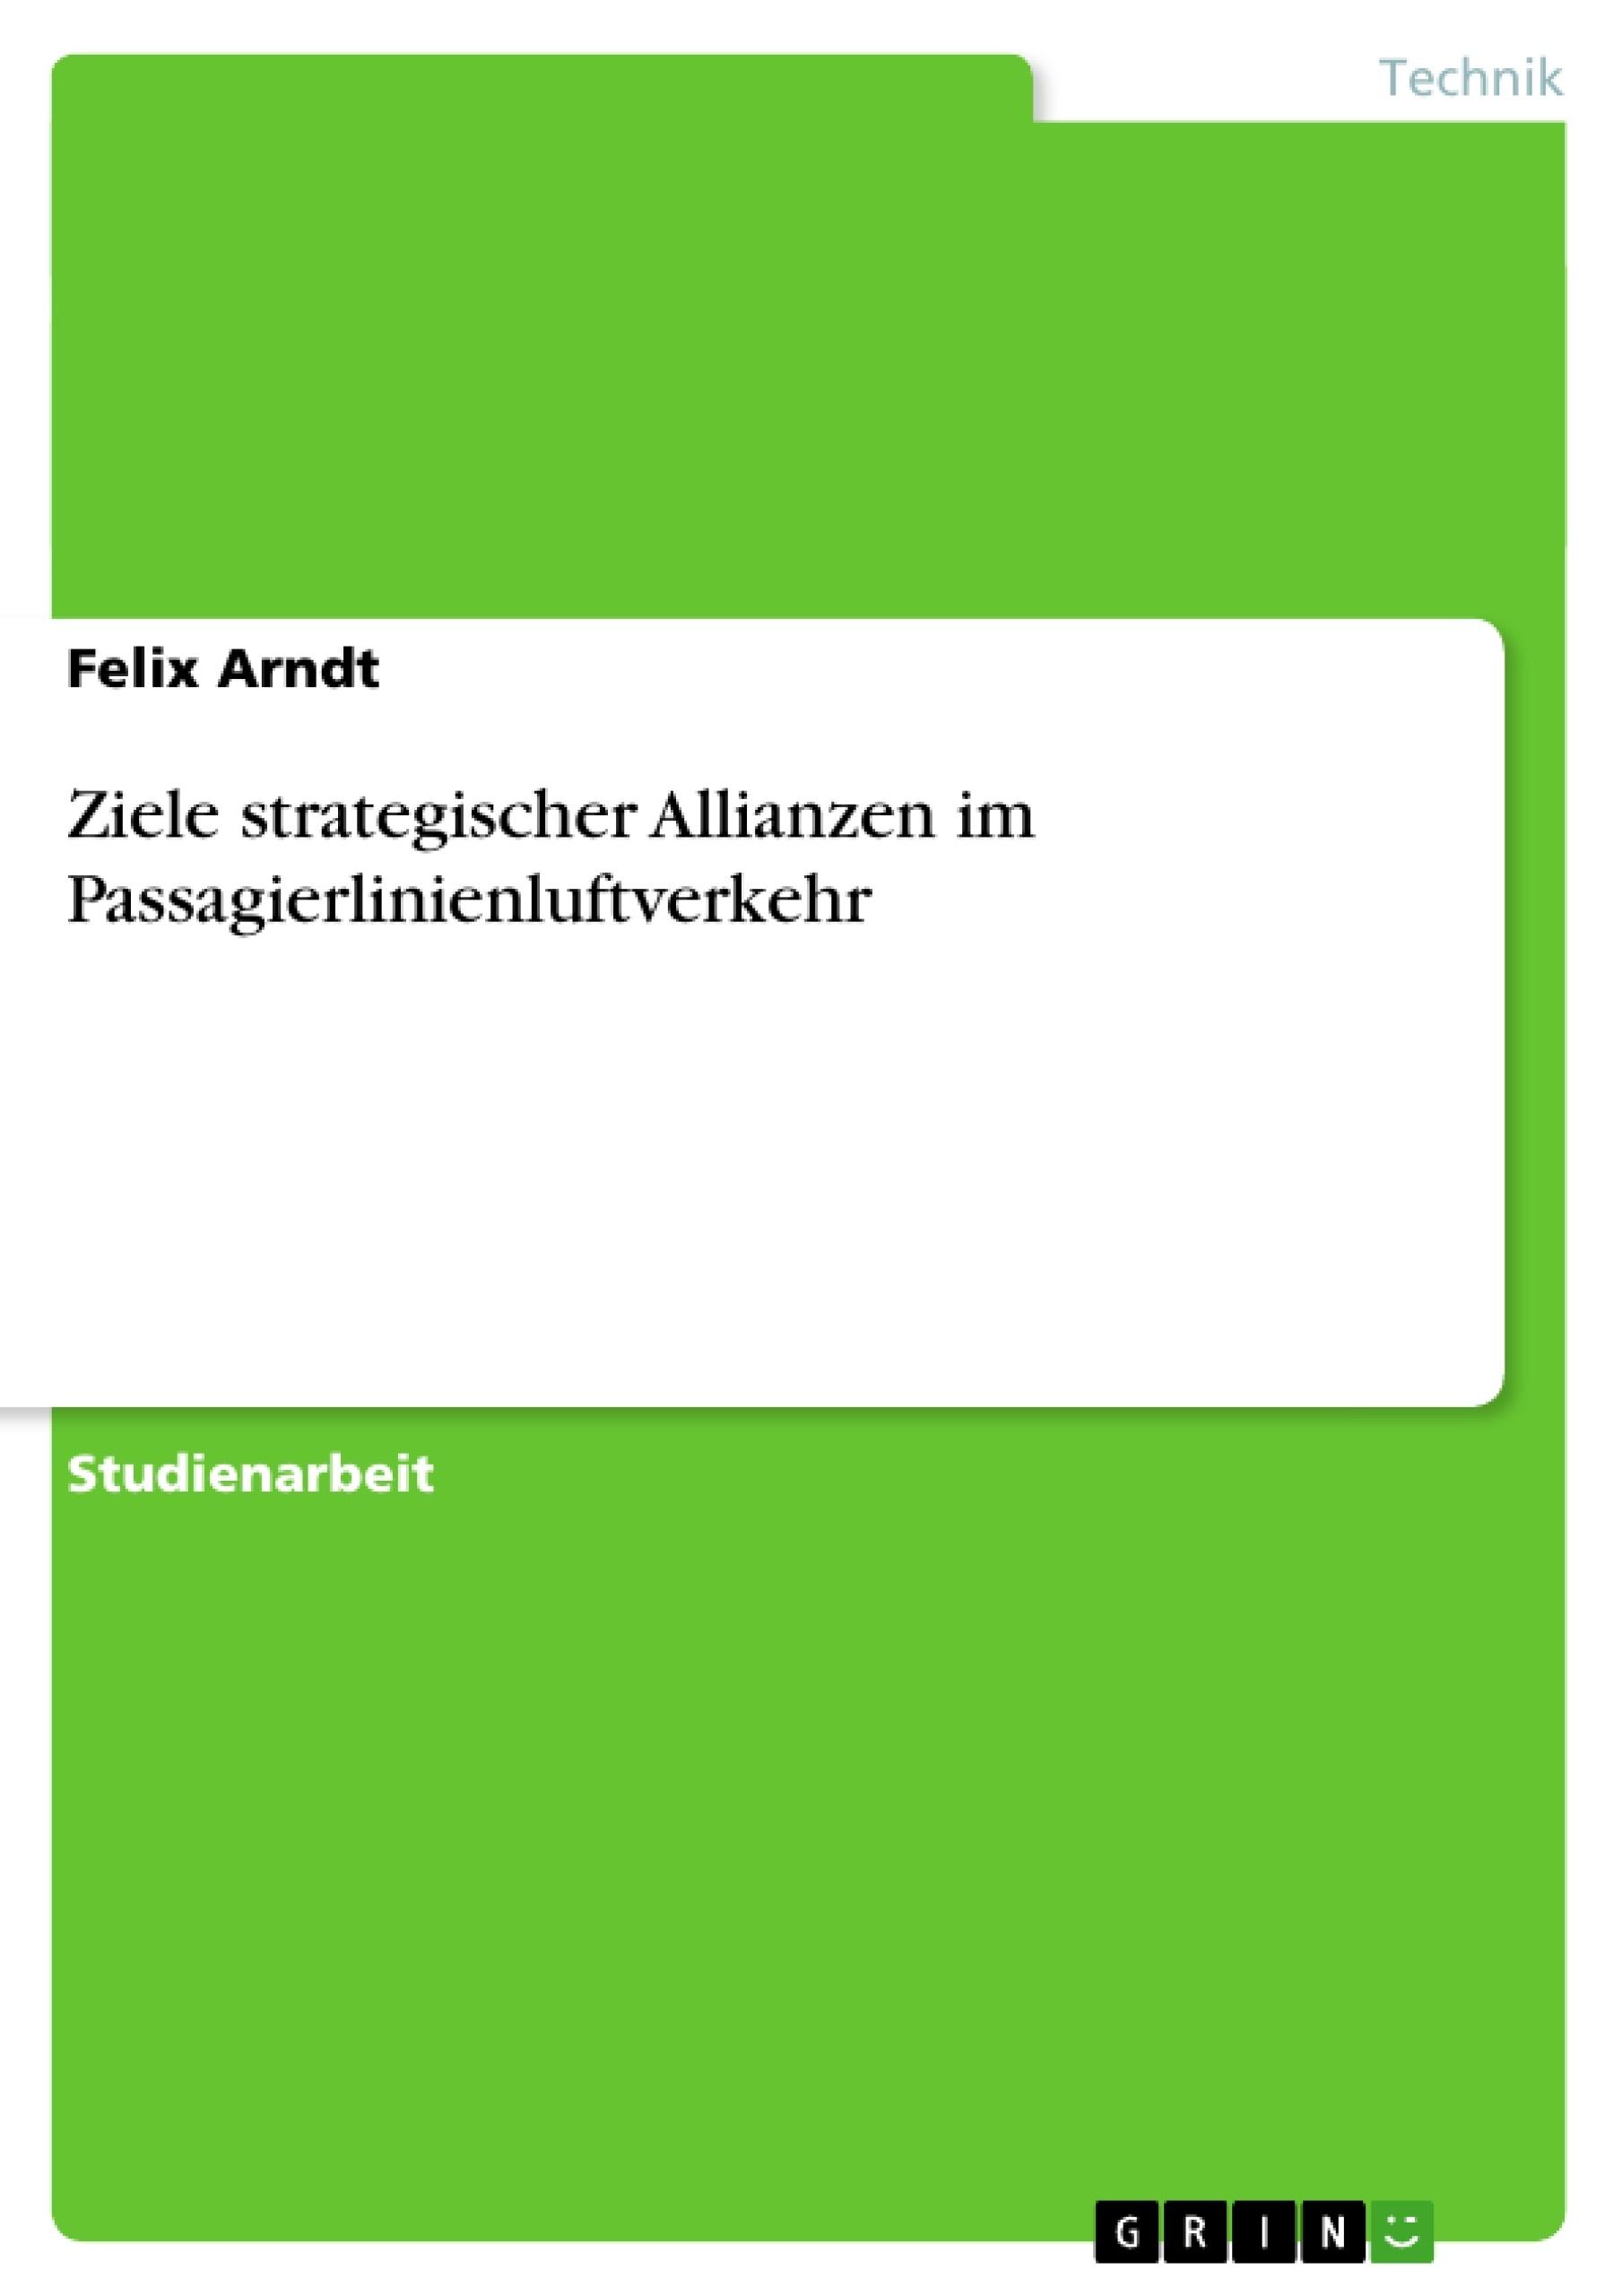 Titel: Ziele strategischer Allianzen im Passagierlinienluftverkehr